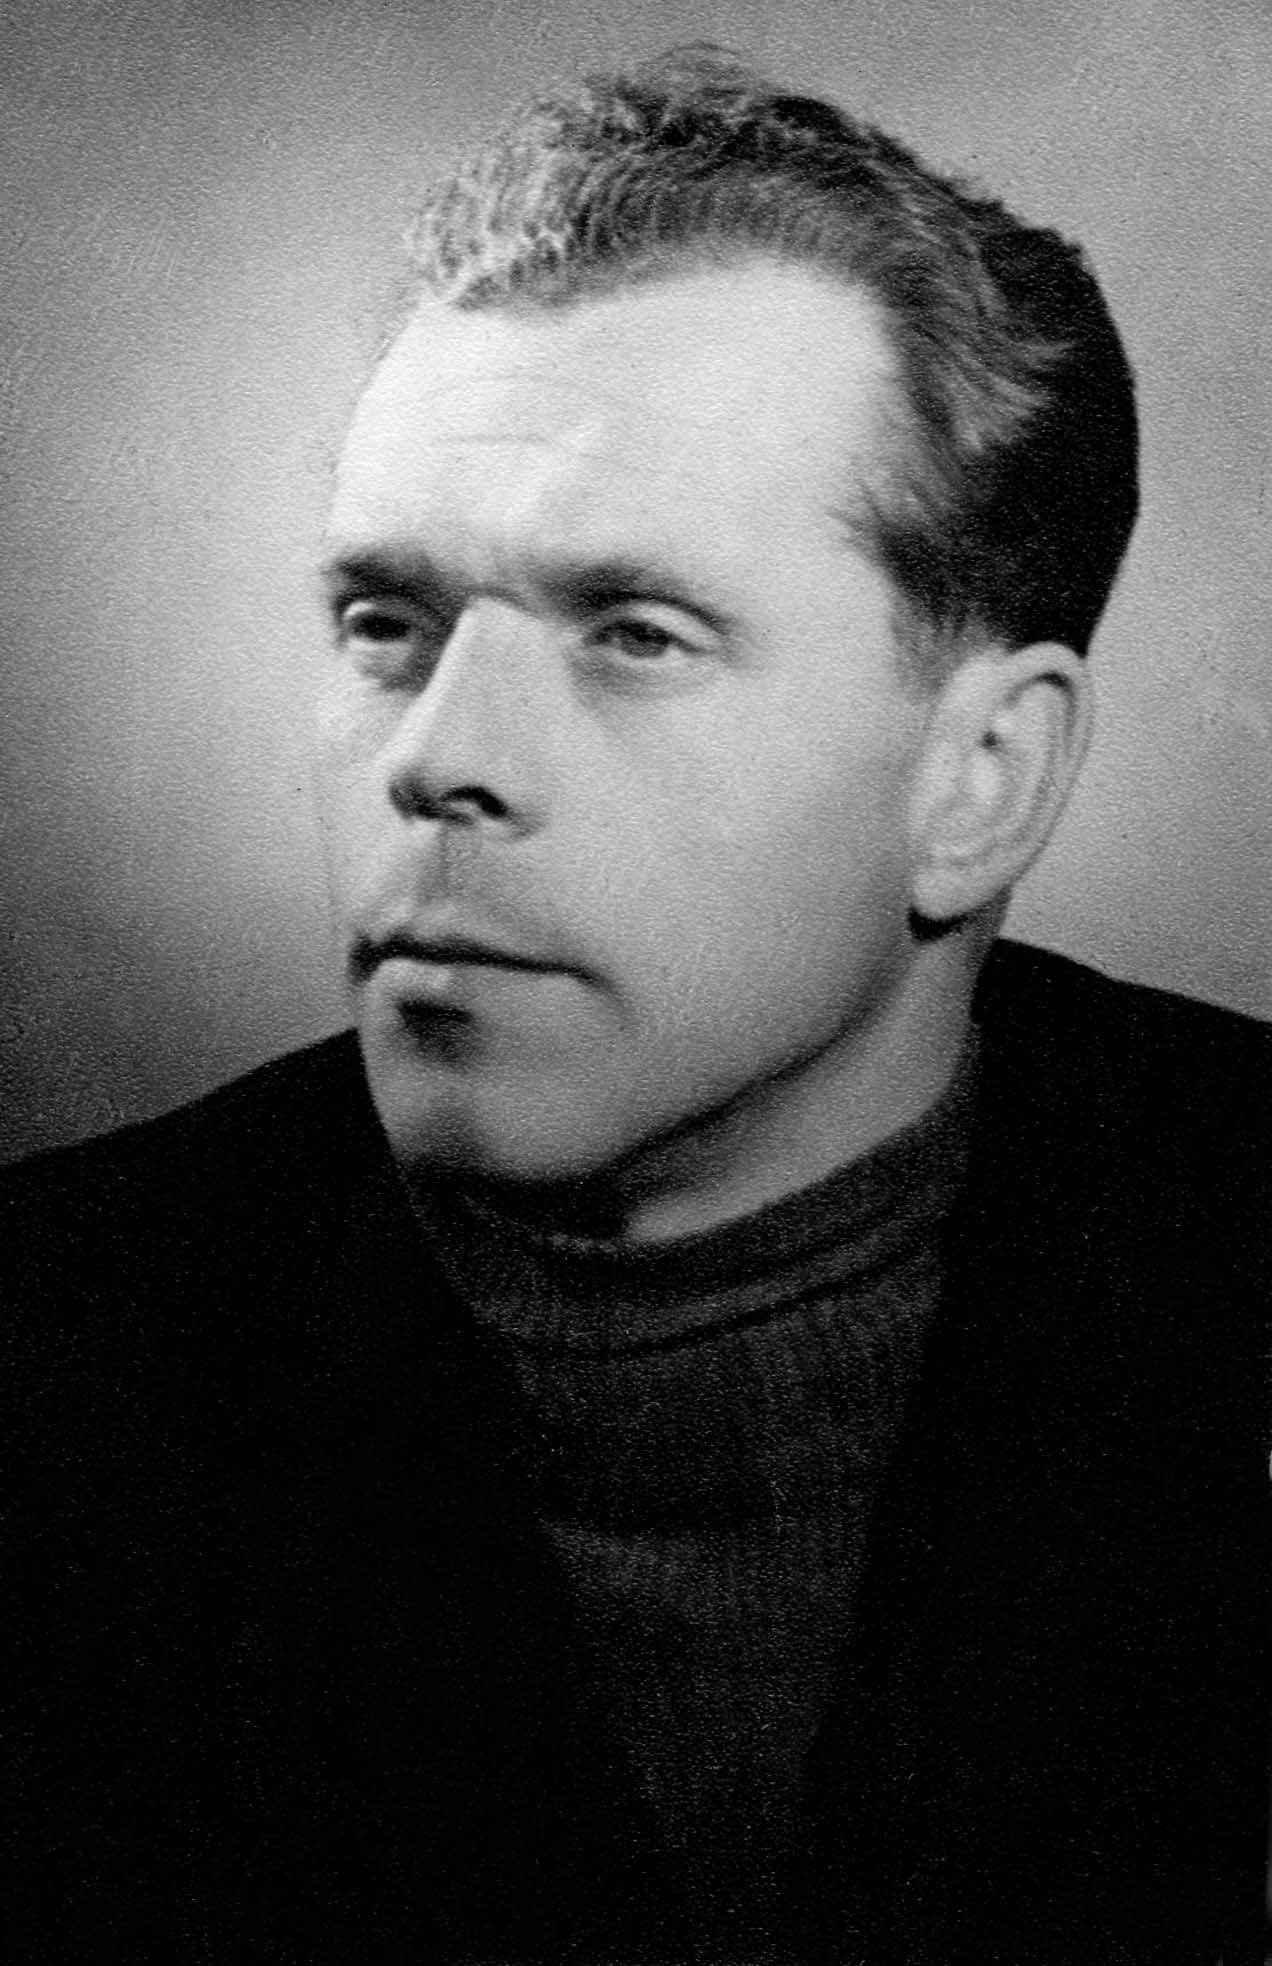 Экспонат #35. Владимир Николаевич Бойков. 1946 год